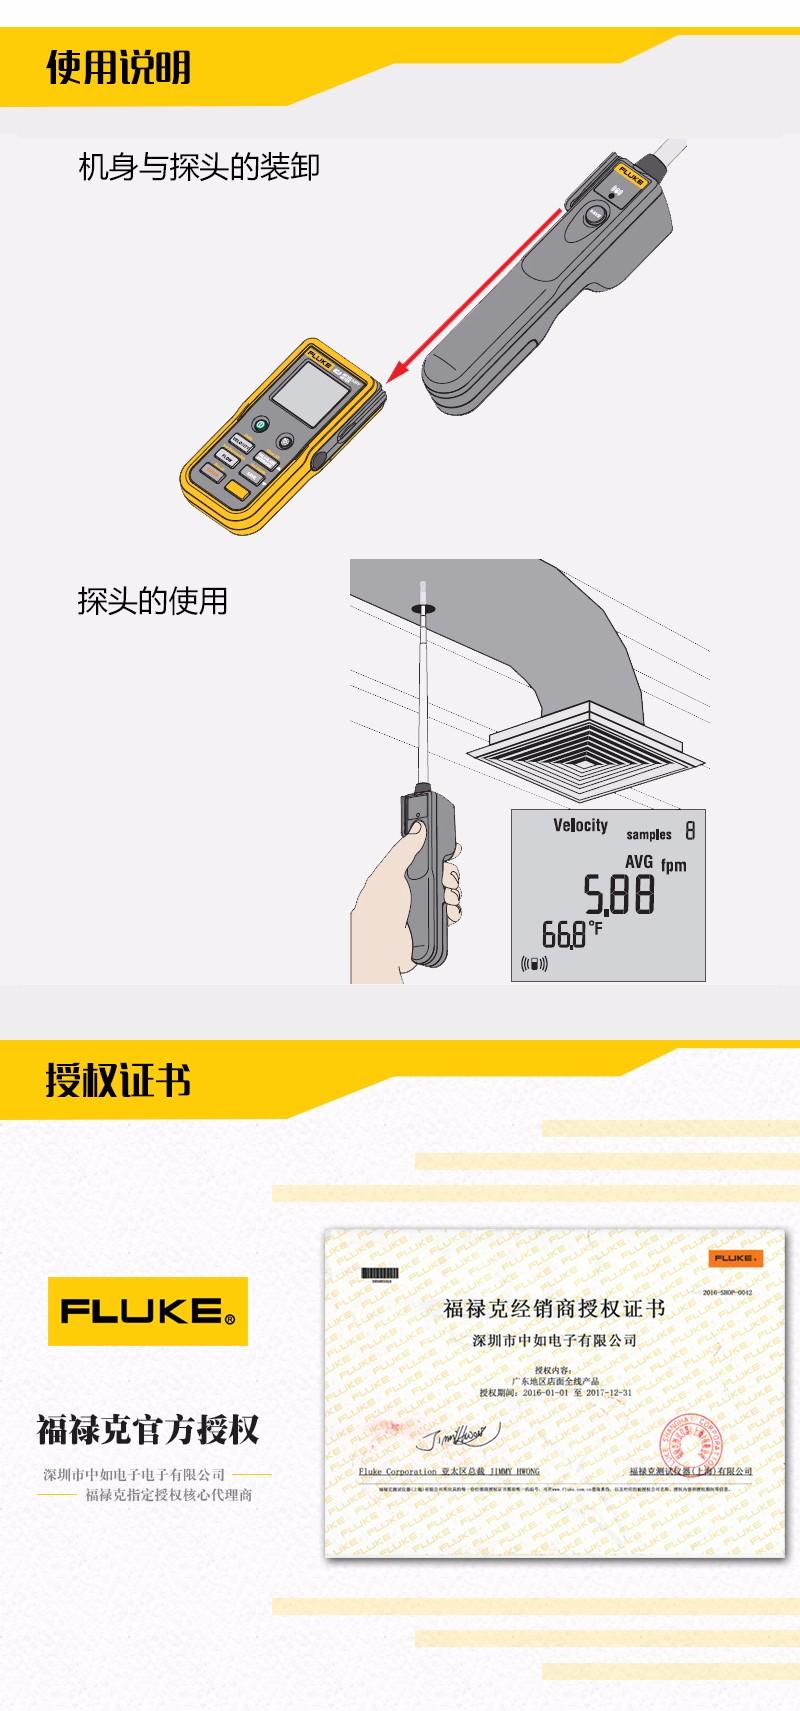 福禄克F923-详情_04.jpg